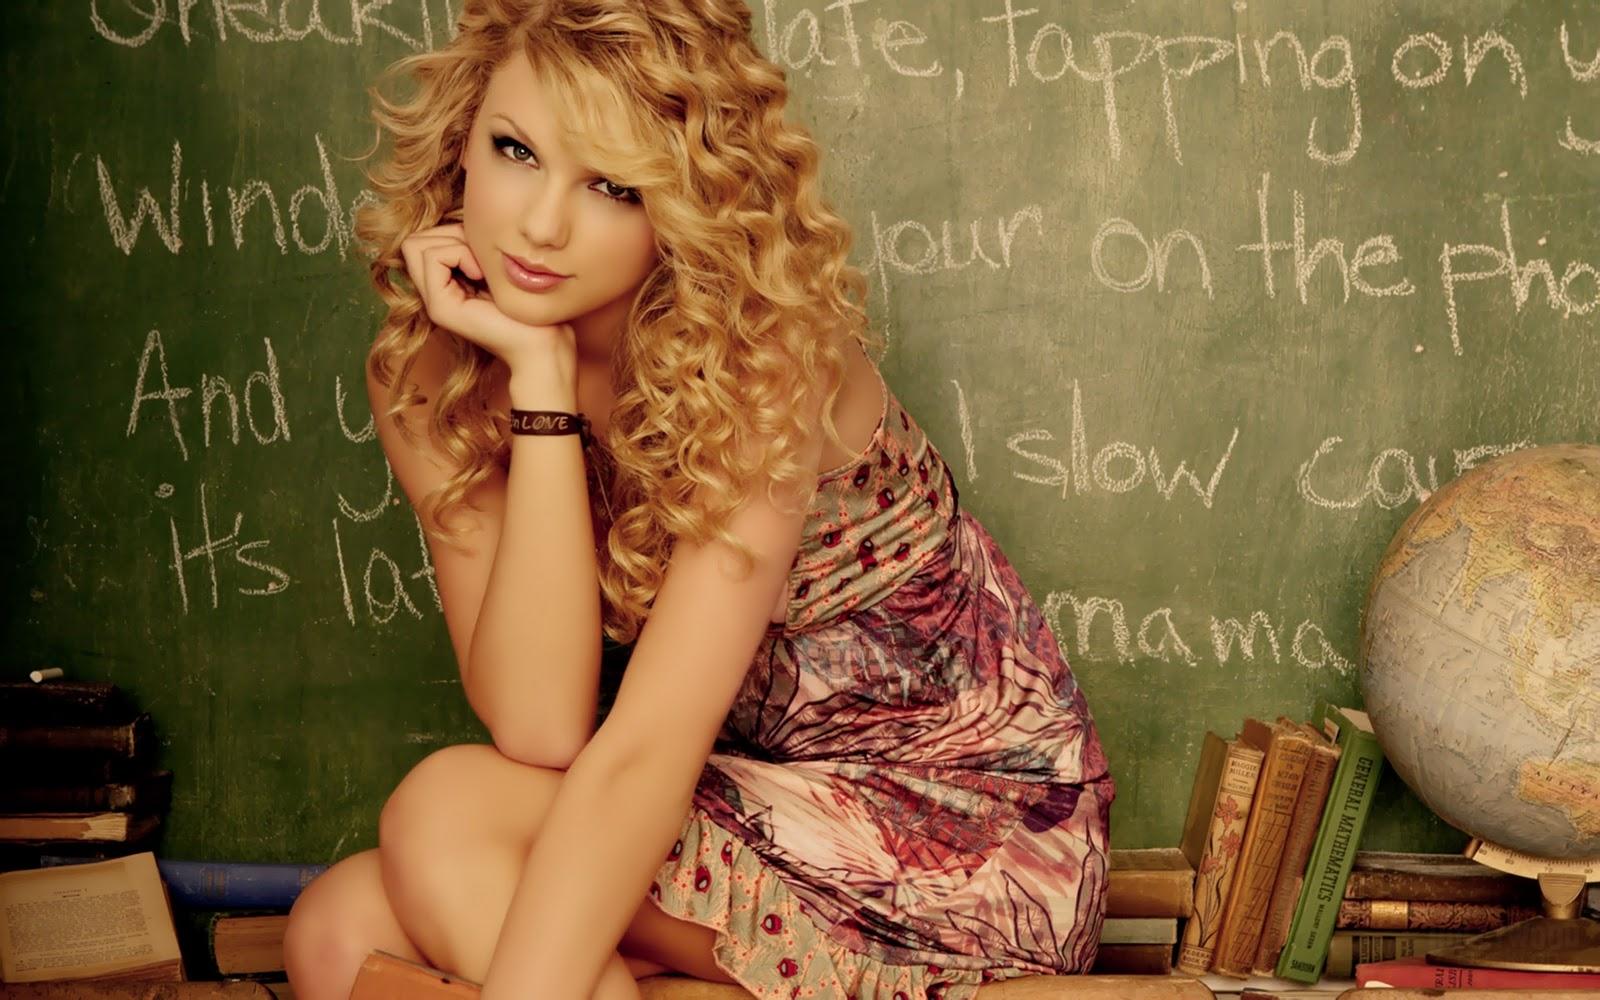 http://1.bp.blogspot.com/-7BZ4h0ZofJg/UFXn0nboyOI/AAAAAAAACaM/2mQuKMUGf6E/s1600/Taylor-Swift-Desktop-Wallpapers.jpg